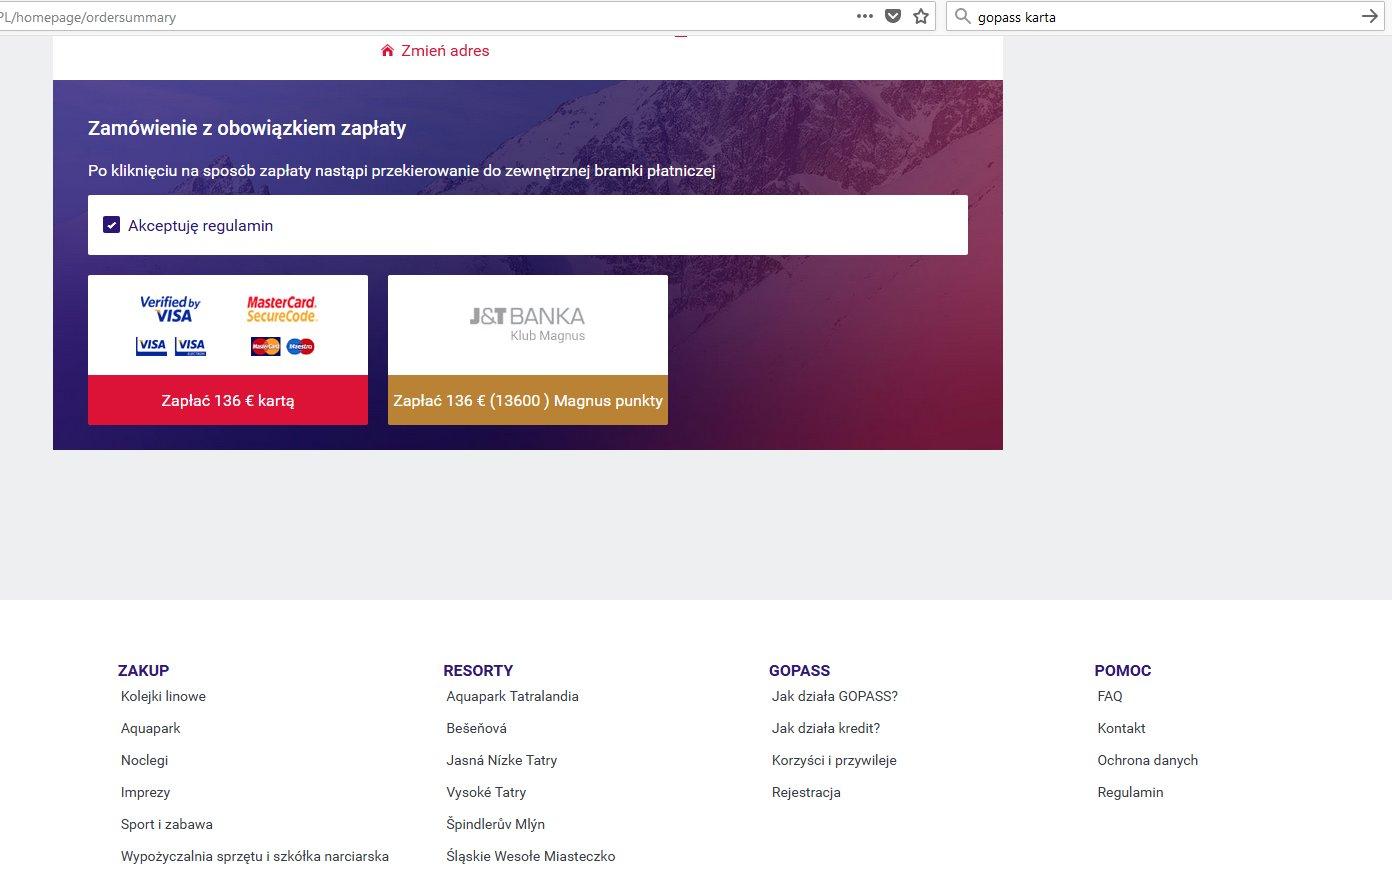 Gopass Instrukcja Zamowienia Online Wyjazdy Wczasy Dla Singli Z